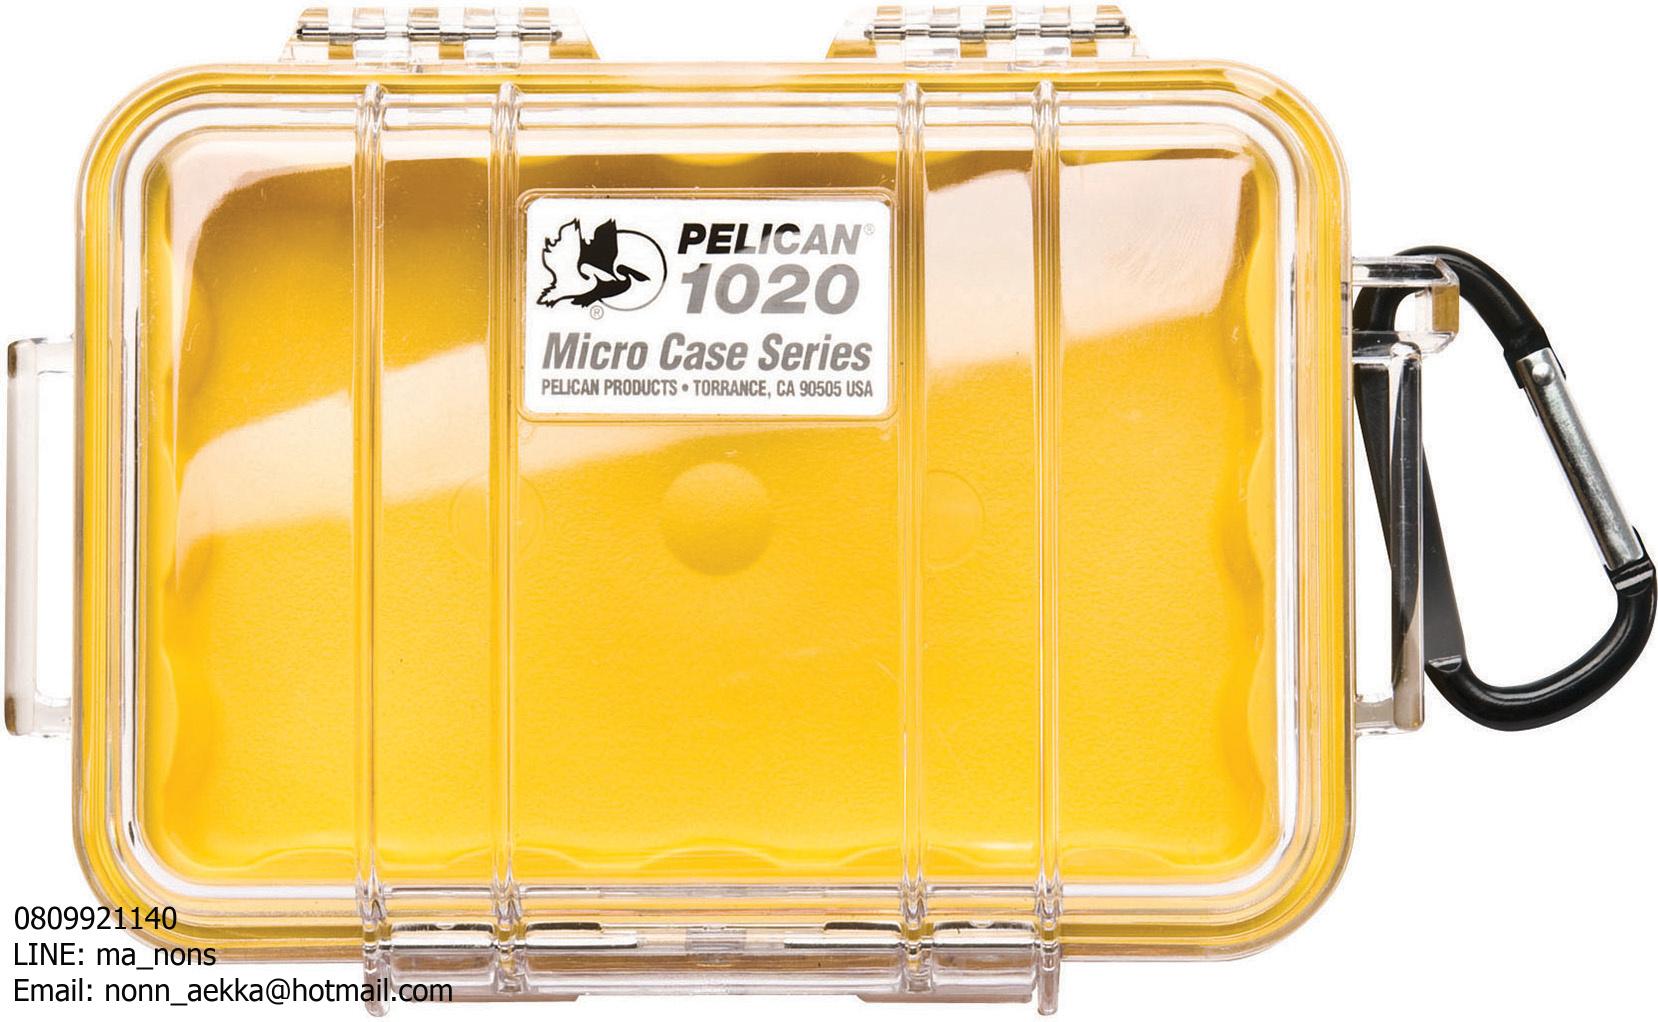 PELICAN™ 1020 MIRCOCASE, YELLOW